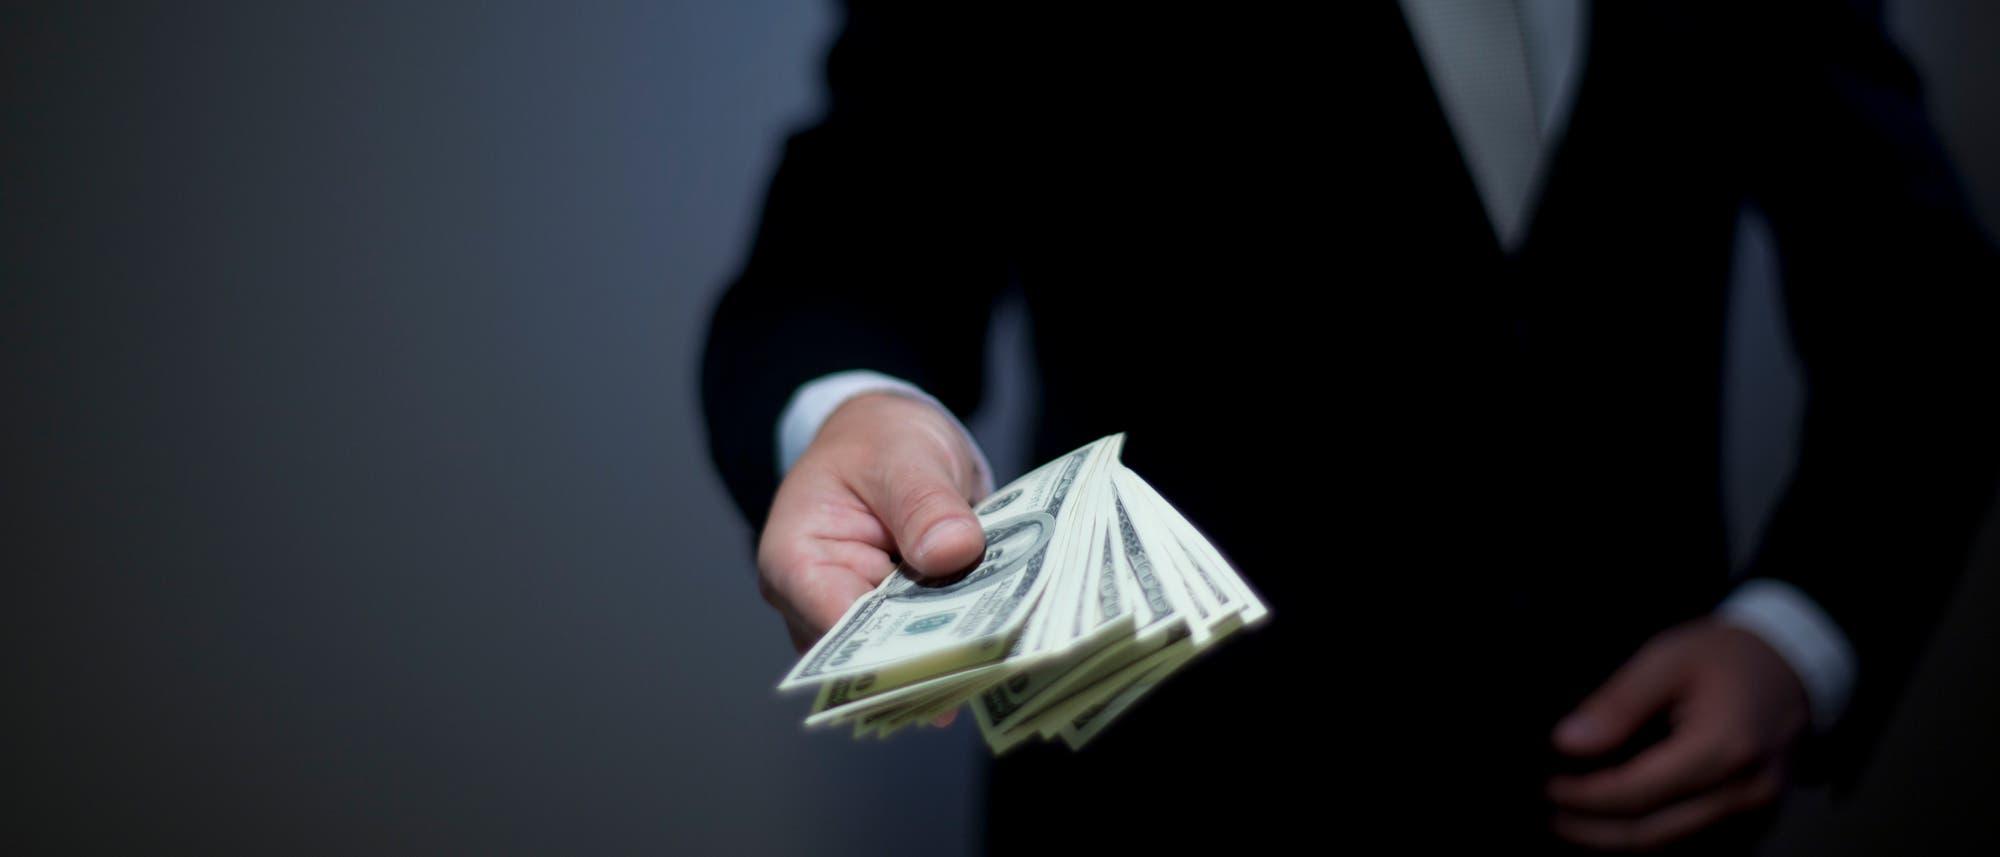 Eine Hand bietet dem Betrachter einen Stapel Geldscheine an